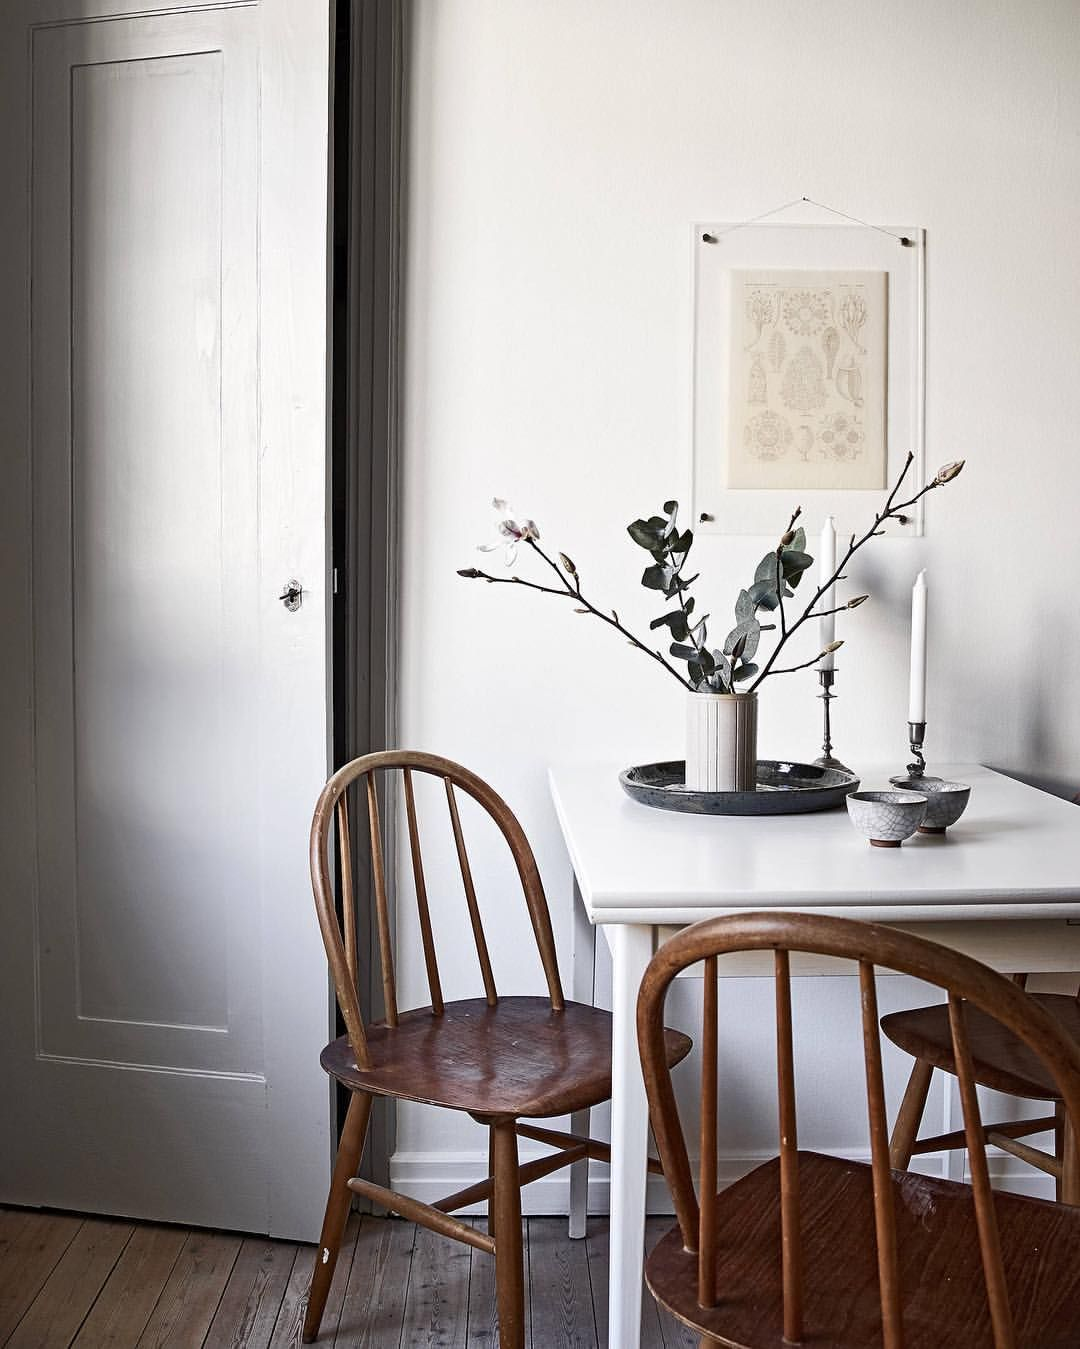 Essplatz Küche Esszimmer Weißer Esstisch Vintage Holzstühle Kunst Tischdeko  Einrichten Dekorieren Wohnen Monochrom Modern Traditionell Schlicht